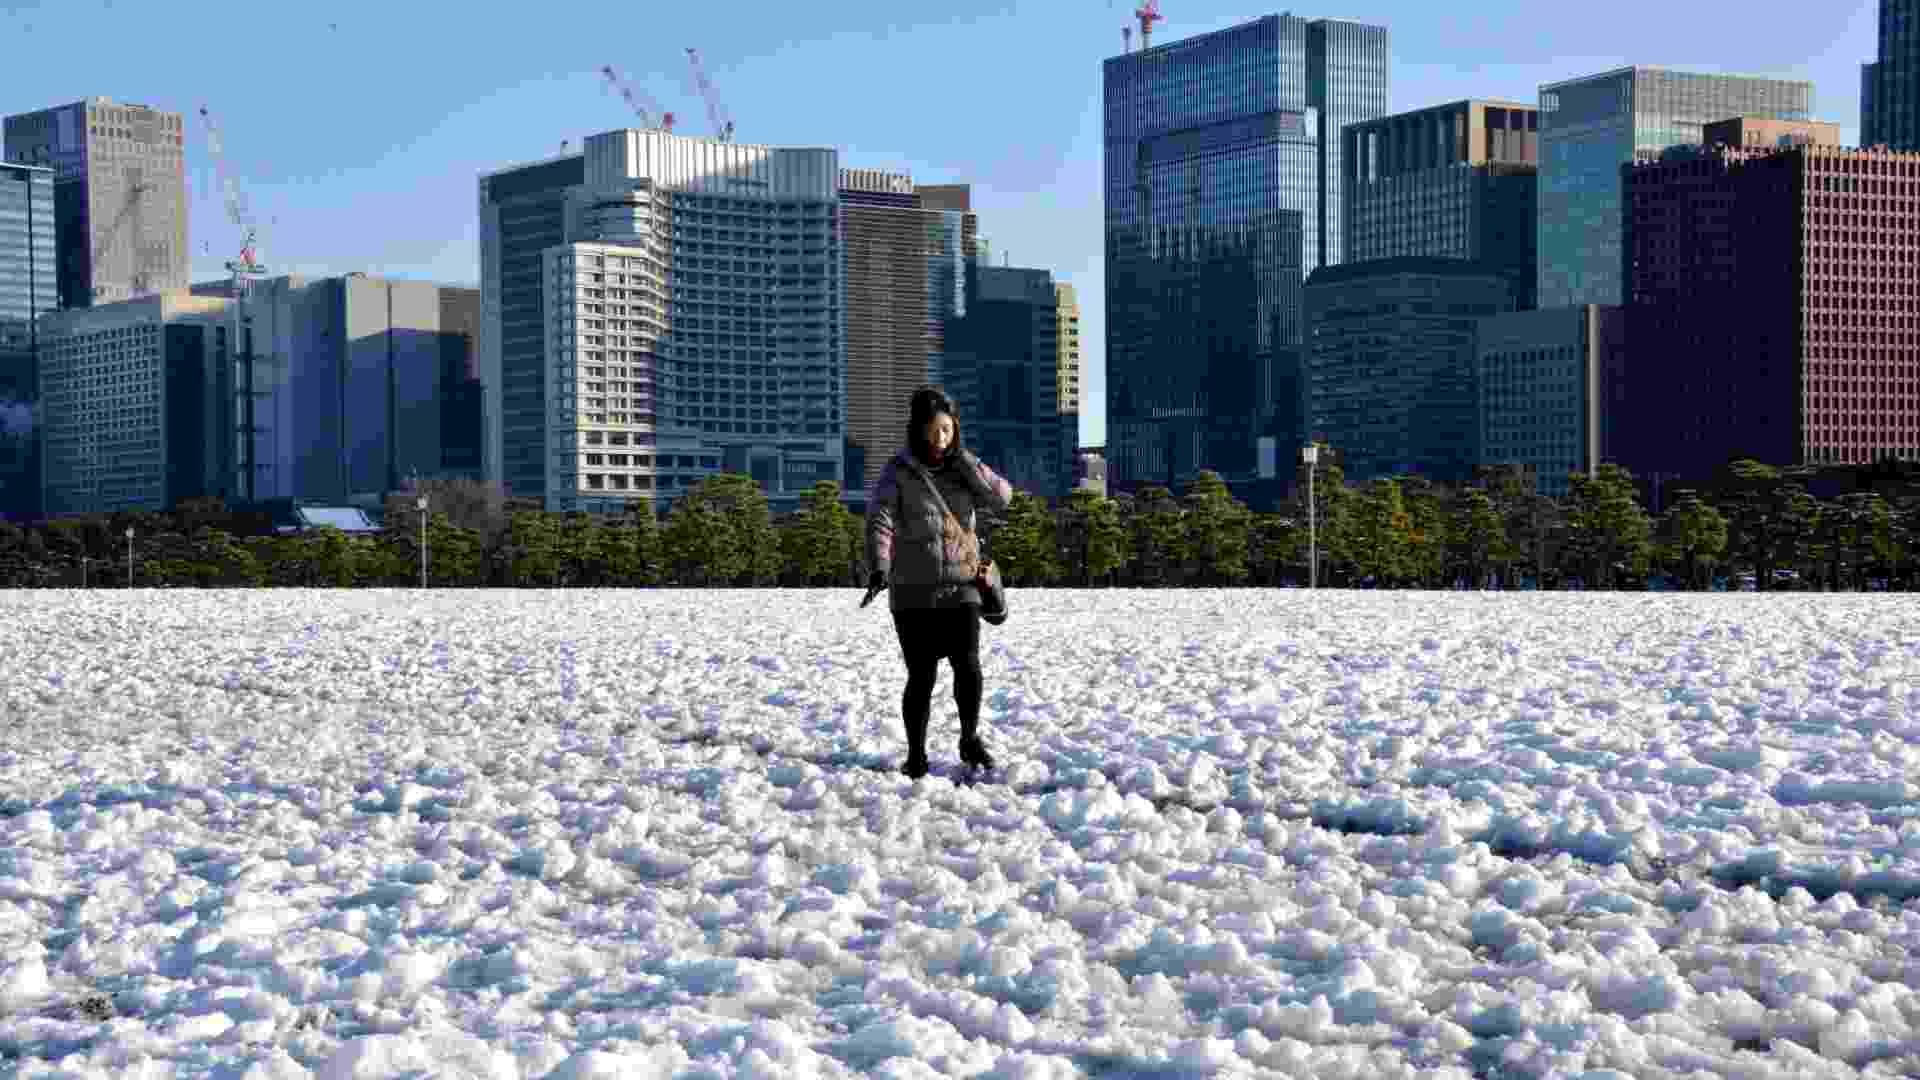 15.jan.2013 - Mulher caminha com cuidado através de um campo coberto de neve no parque diante do Palácio Imperial japonês, um dia após uma forte nevasca atingir a região metropolitana de Tóquio. Uma pessoa morreu e ao menos 463 tiveram ferimentos devido à forte nevasca - Yoshikazu Tsuno/AFP